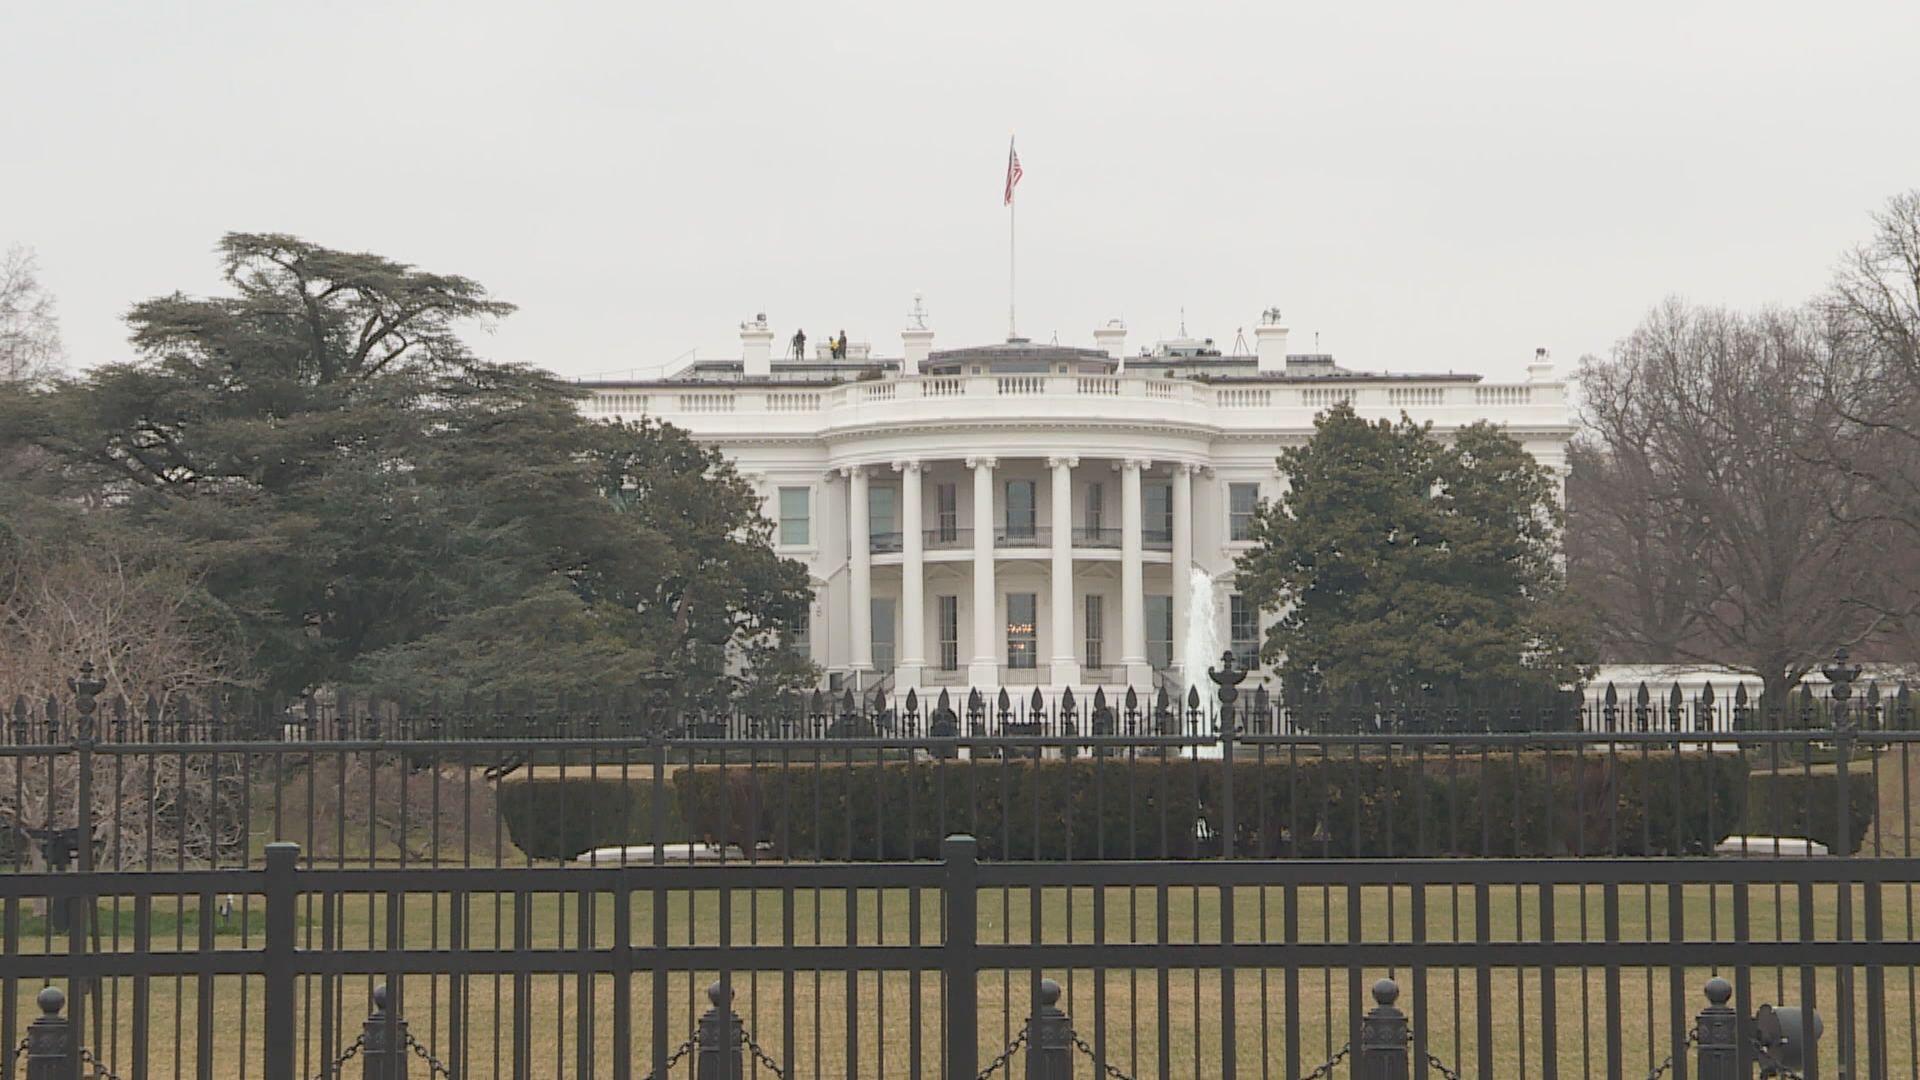 參議院共和黨人提出與白宮共同敲定新一輪刺激經濟方案